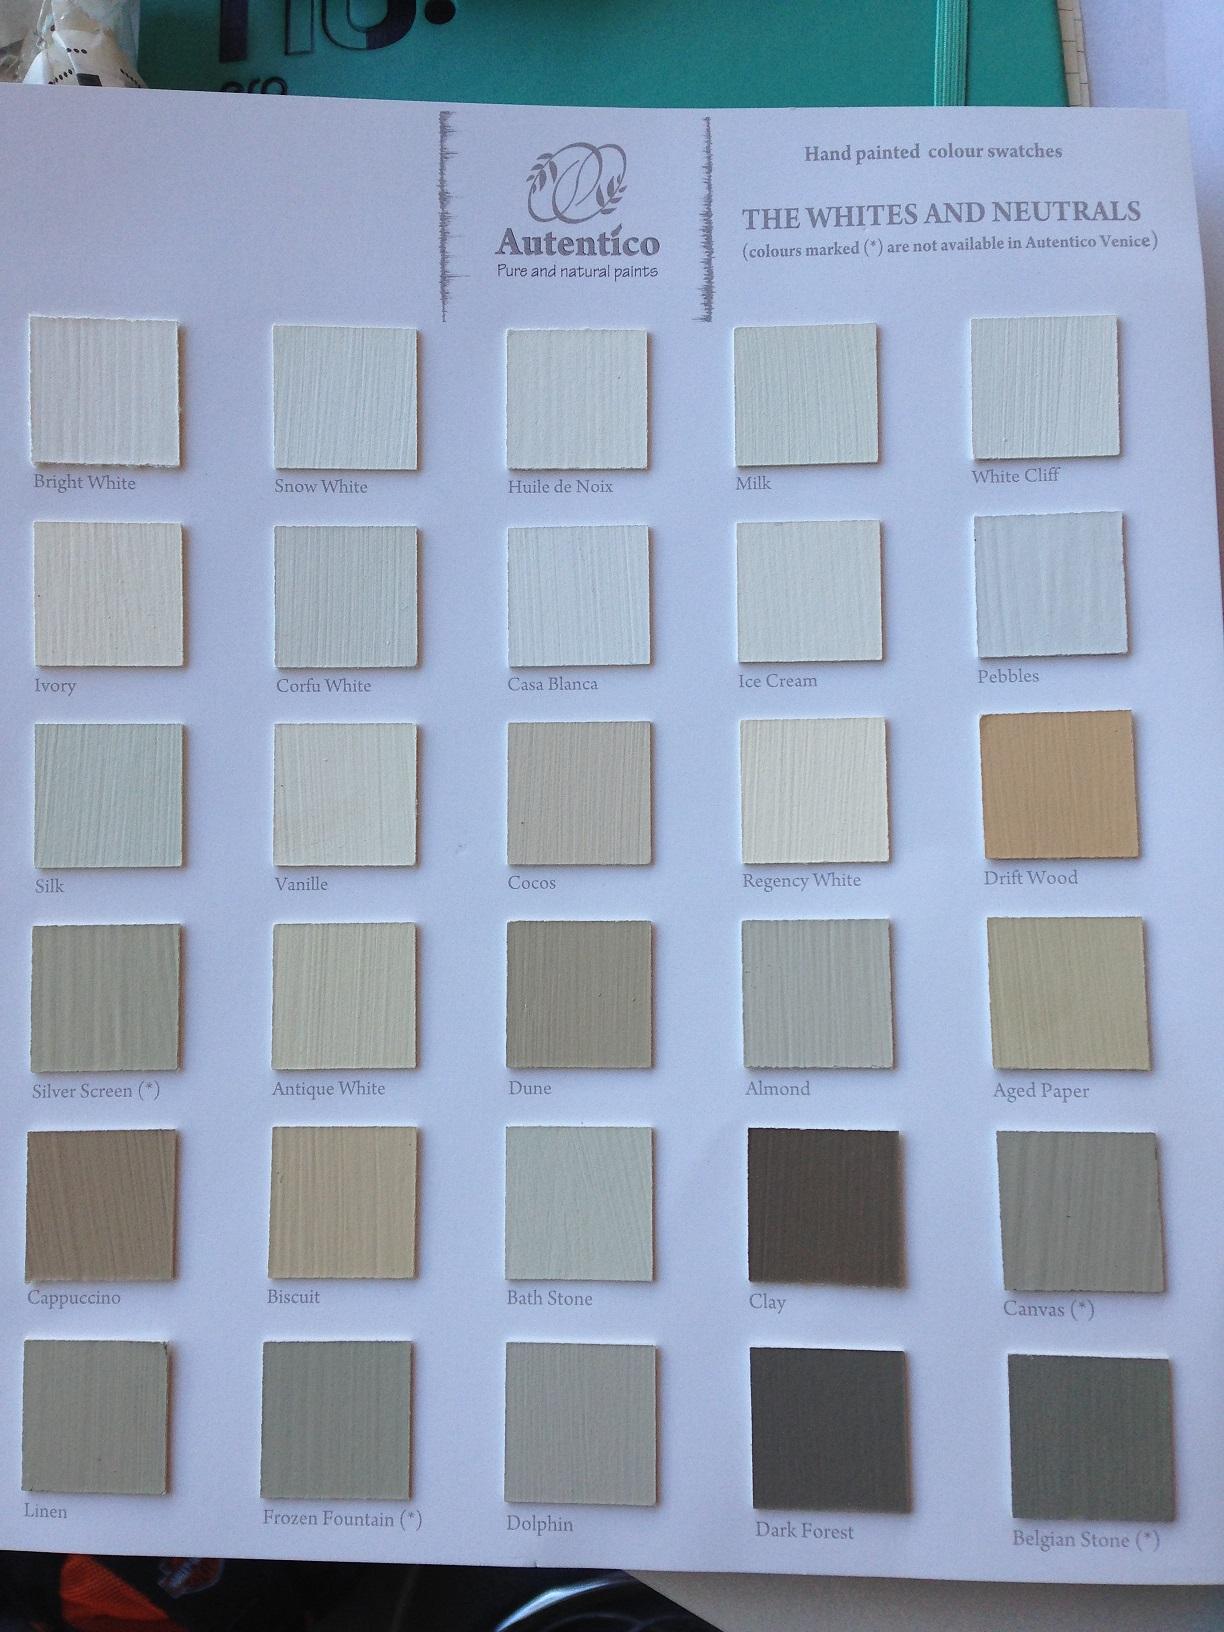 Autentico Vintage Chalk Paint THE WHITES AND NEUTRALS PART 3